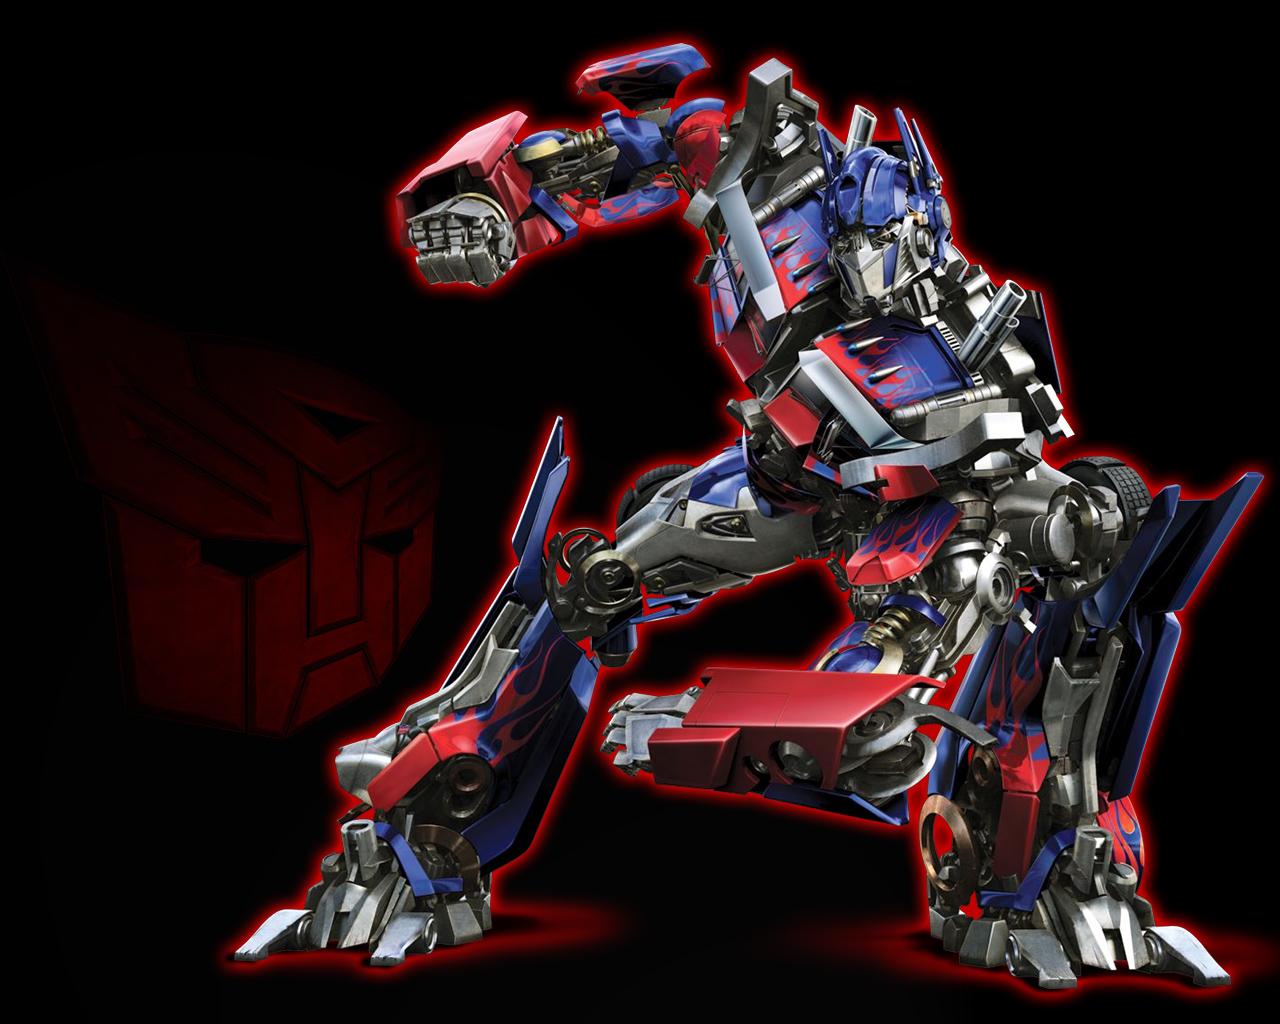 Download movie transformersmovie wallpaper Transformers movie 4 1280x1024